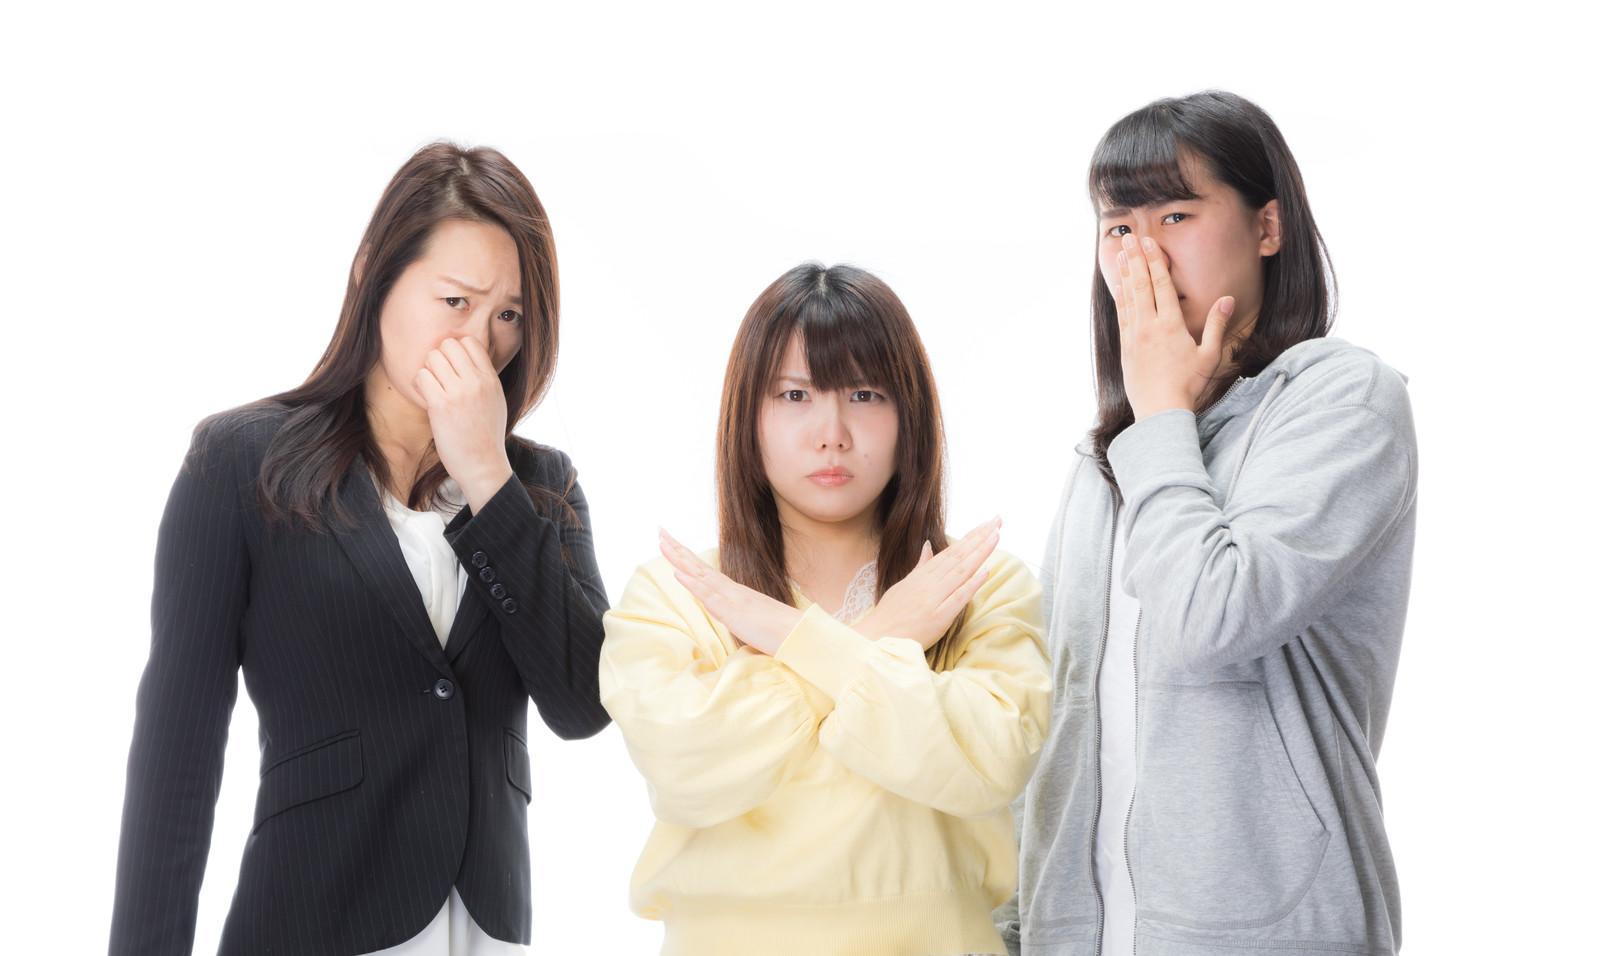 口臭を消してくれる食べ物ってあるの?お口のニオイに効果のあるものを調べてみた。